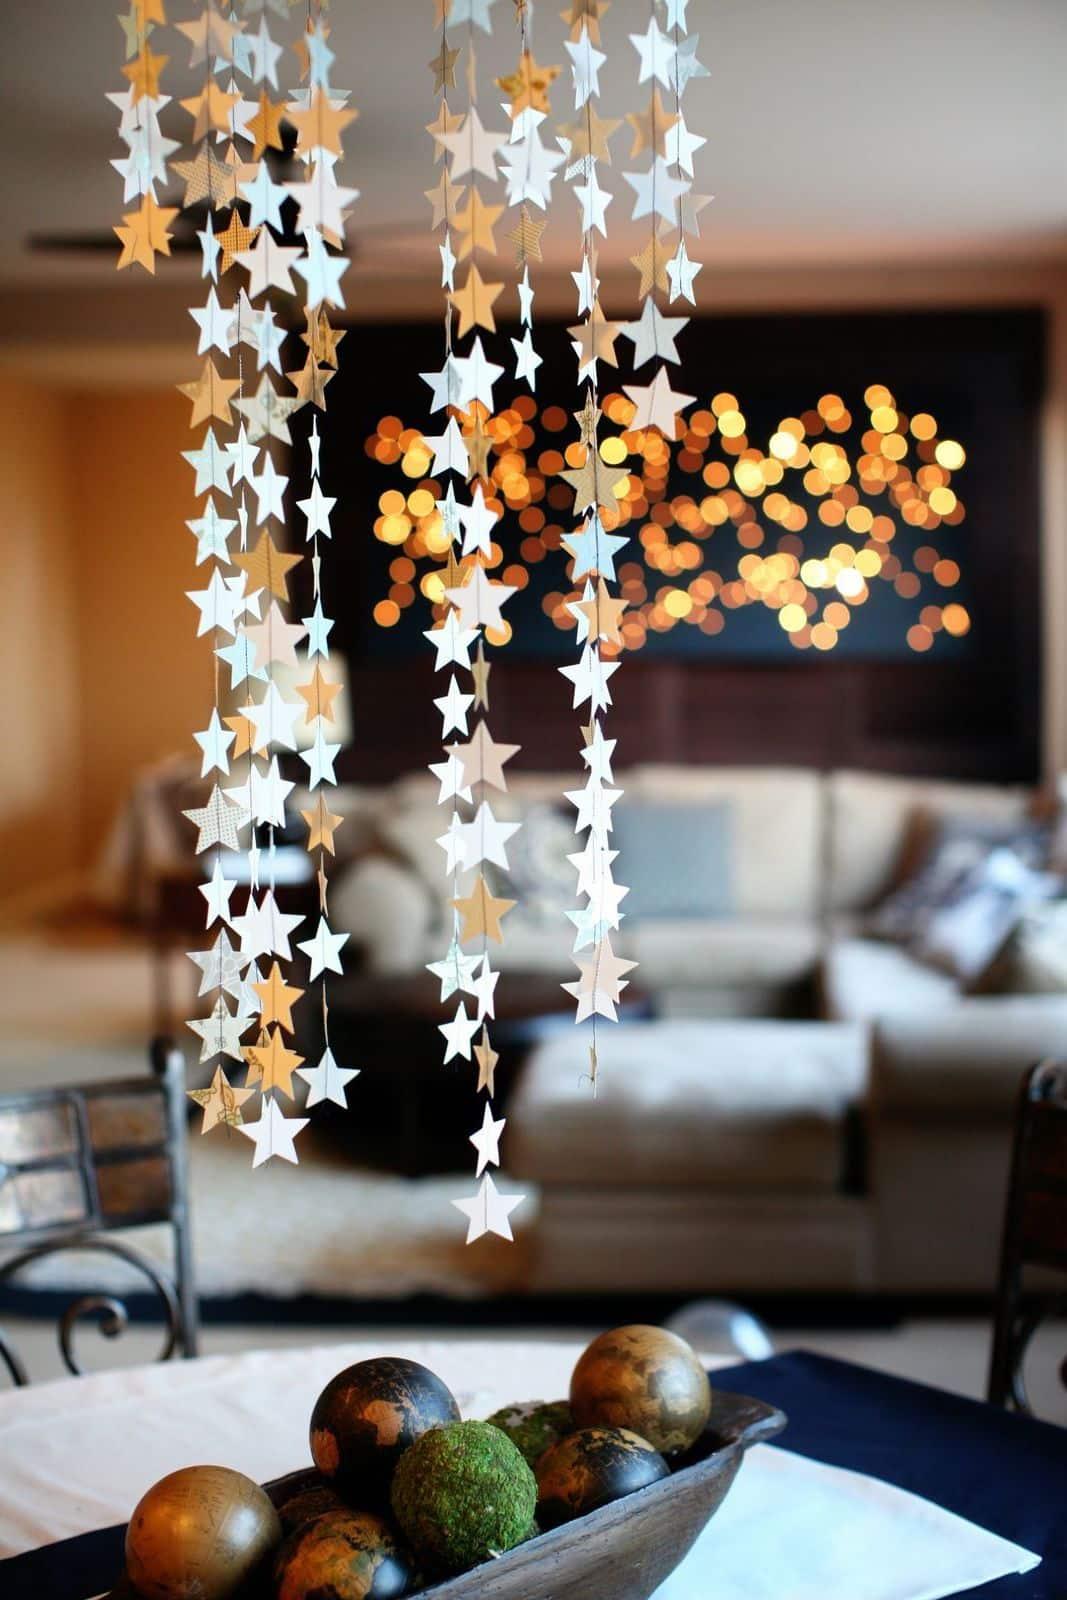 Қағаз жұлдызы Гарланд - Жаңа жылға арналған үлкен қонақ бөлмесін безендіру